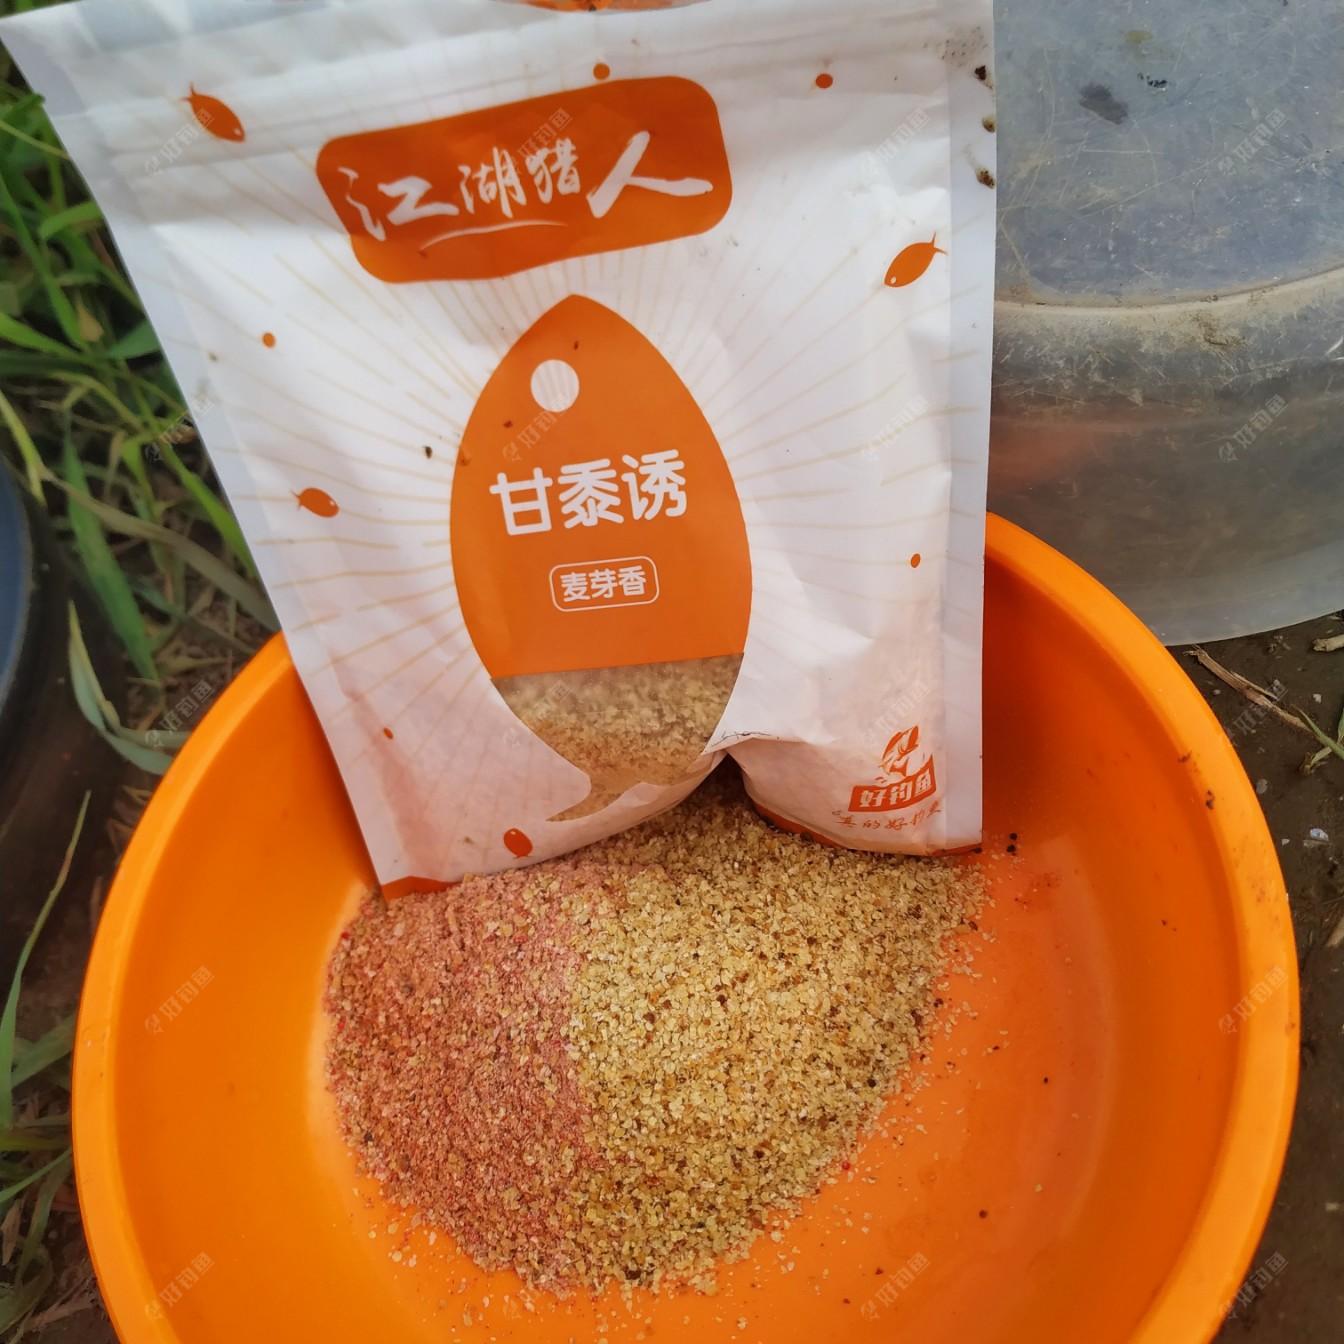 甘黍诱平台兑换的饵料。